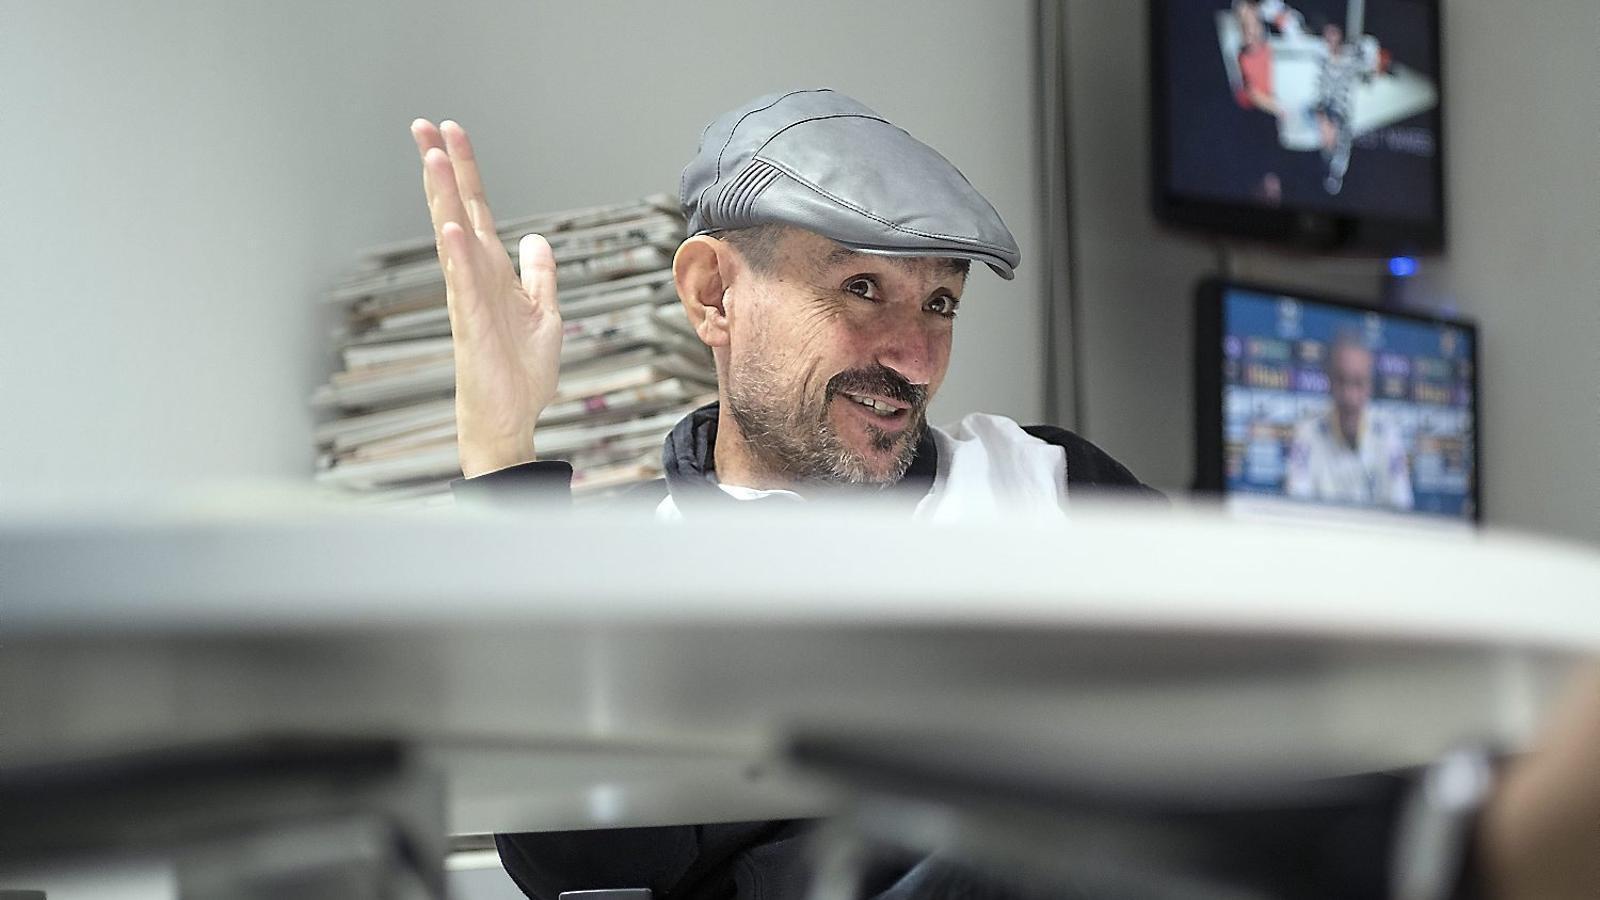 """Carles Capdevila: """"Arribar a la ment de la gent és una cosa, però fer-ho al cor és més bèstia"""""""